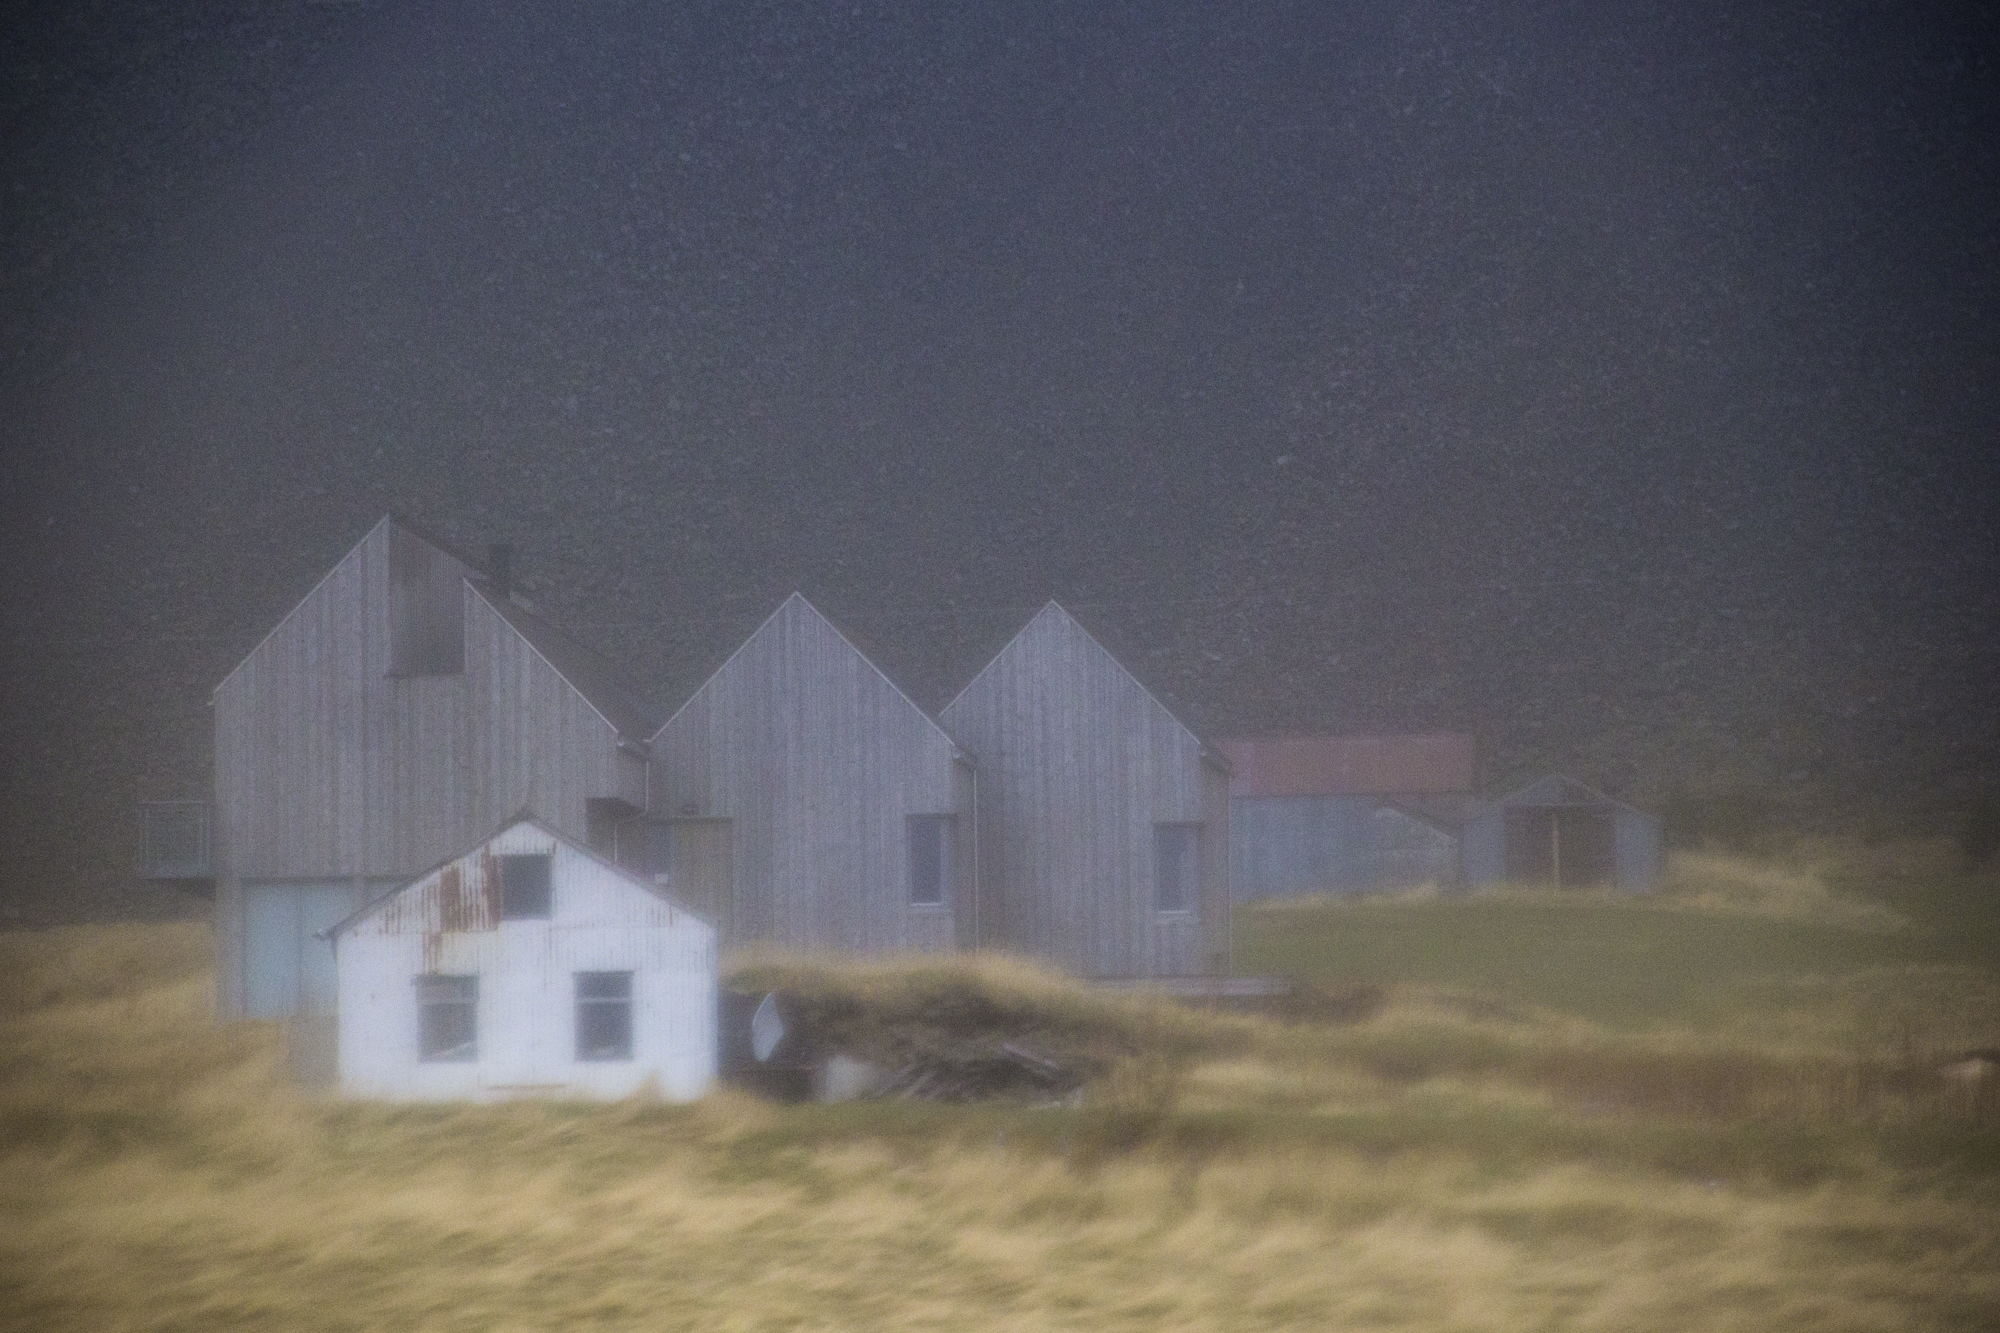 Forgotten-FarmHouseConsumedByFog-Forsaken-HEYDT.jpg